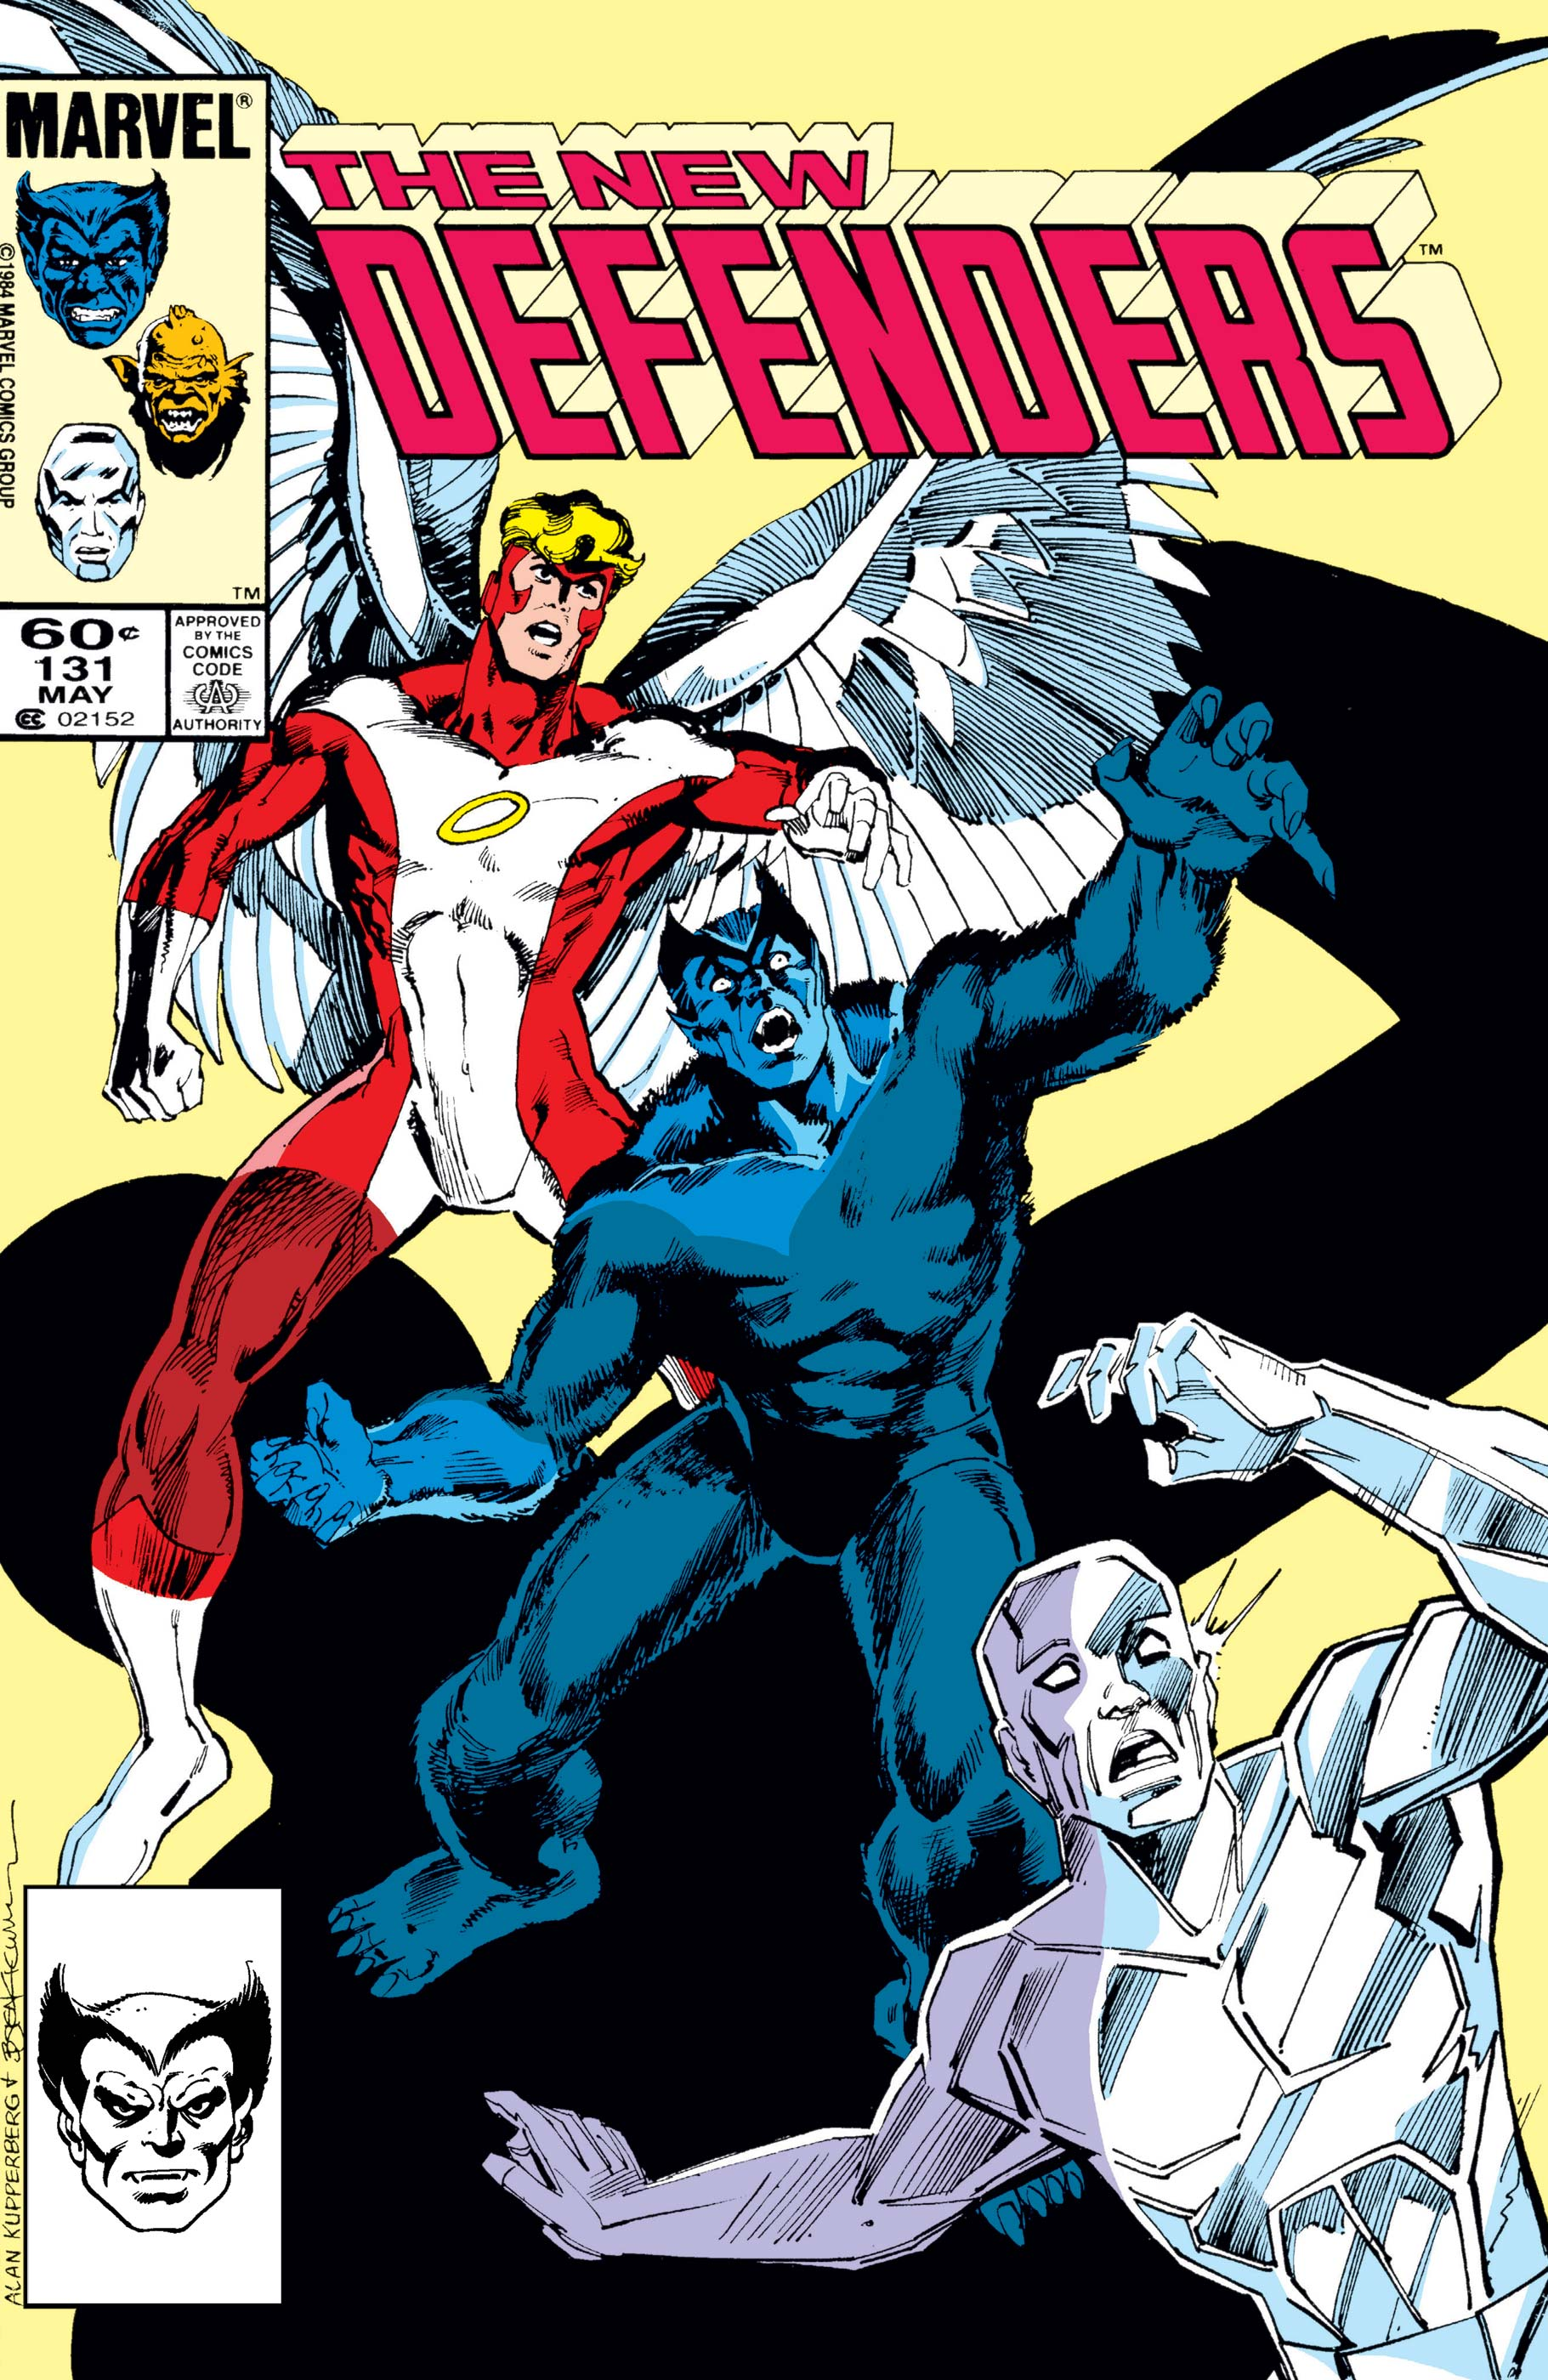 Defenders (1972) #131